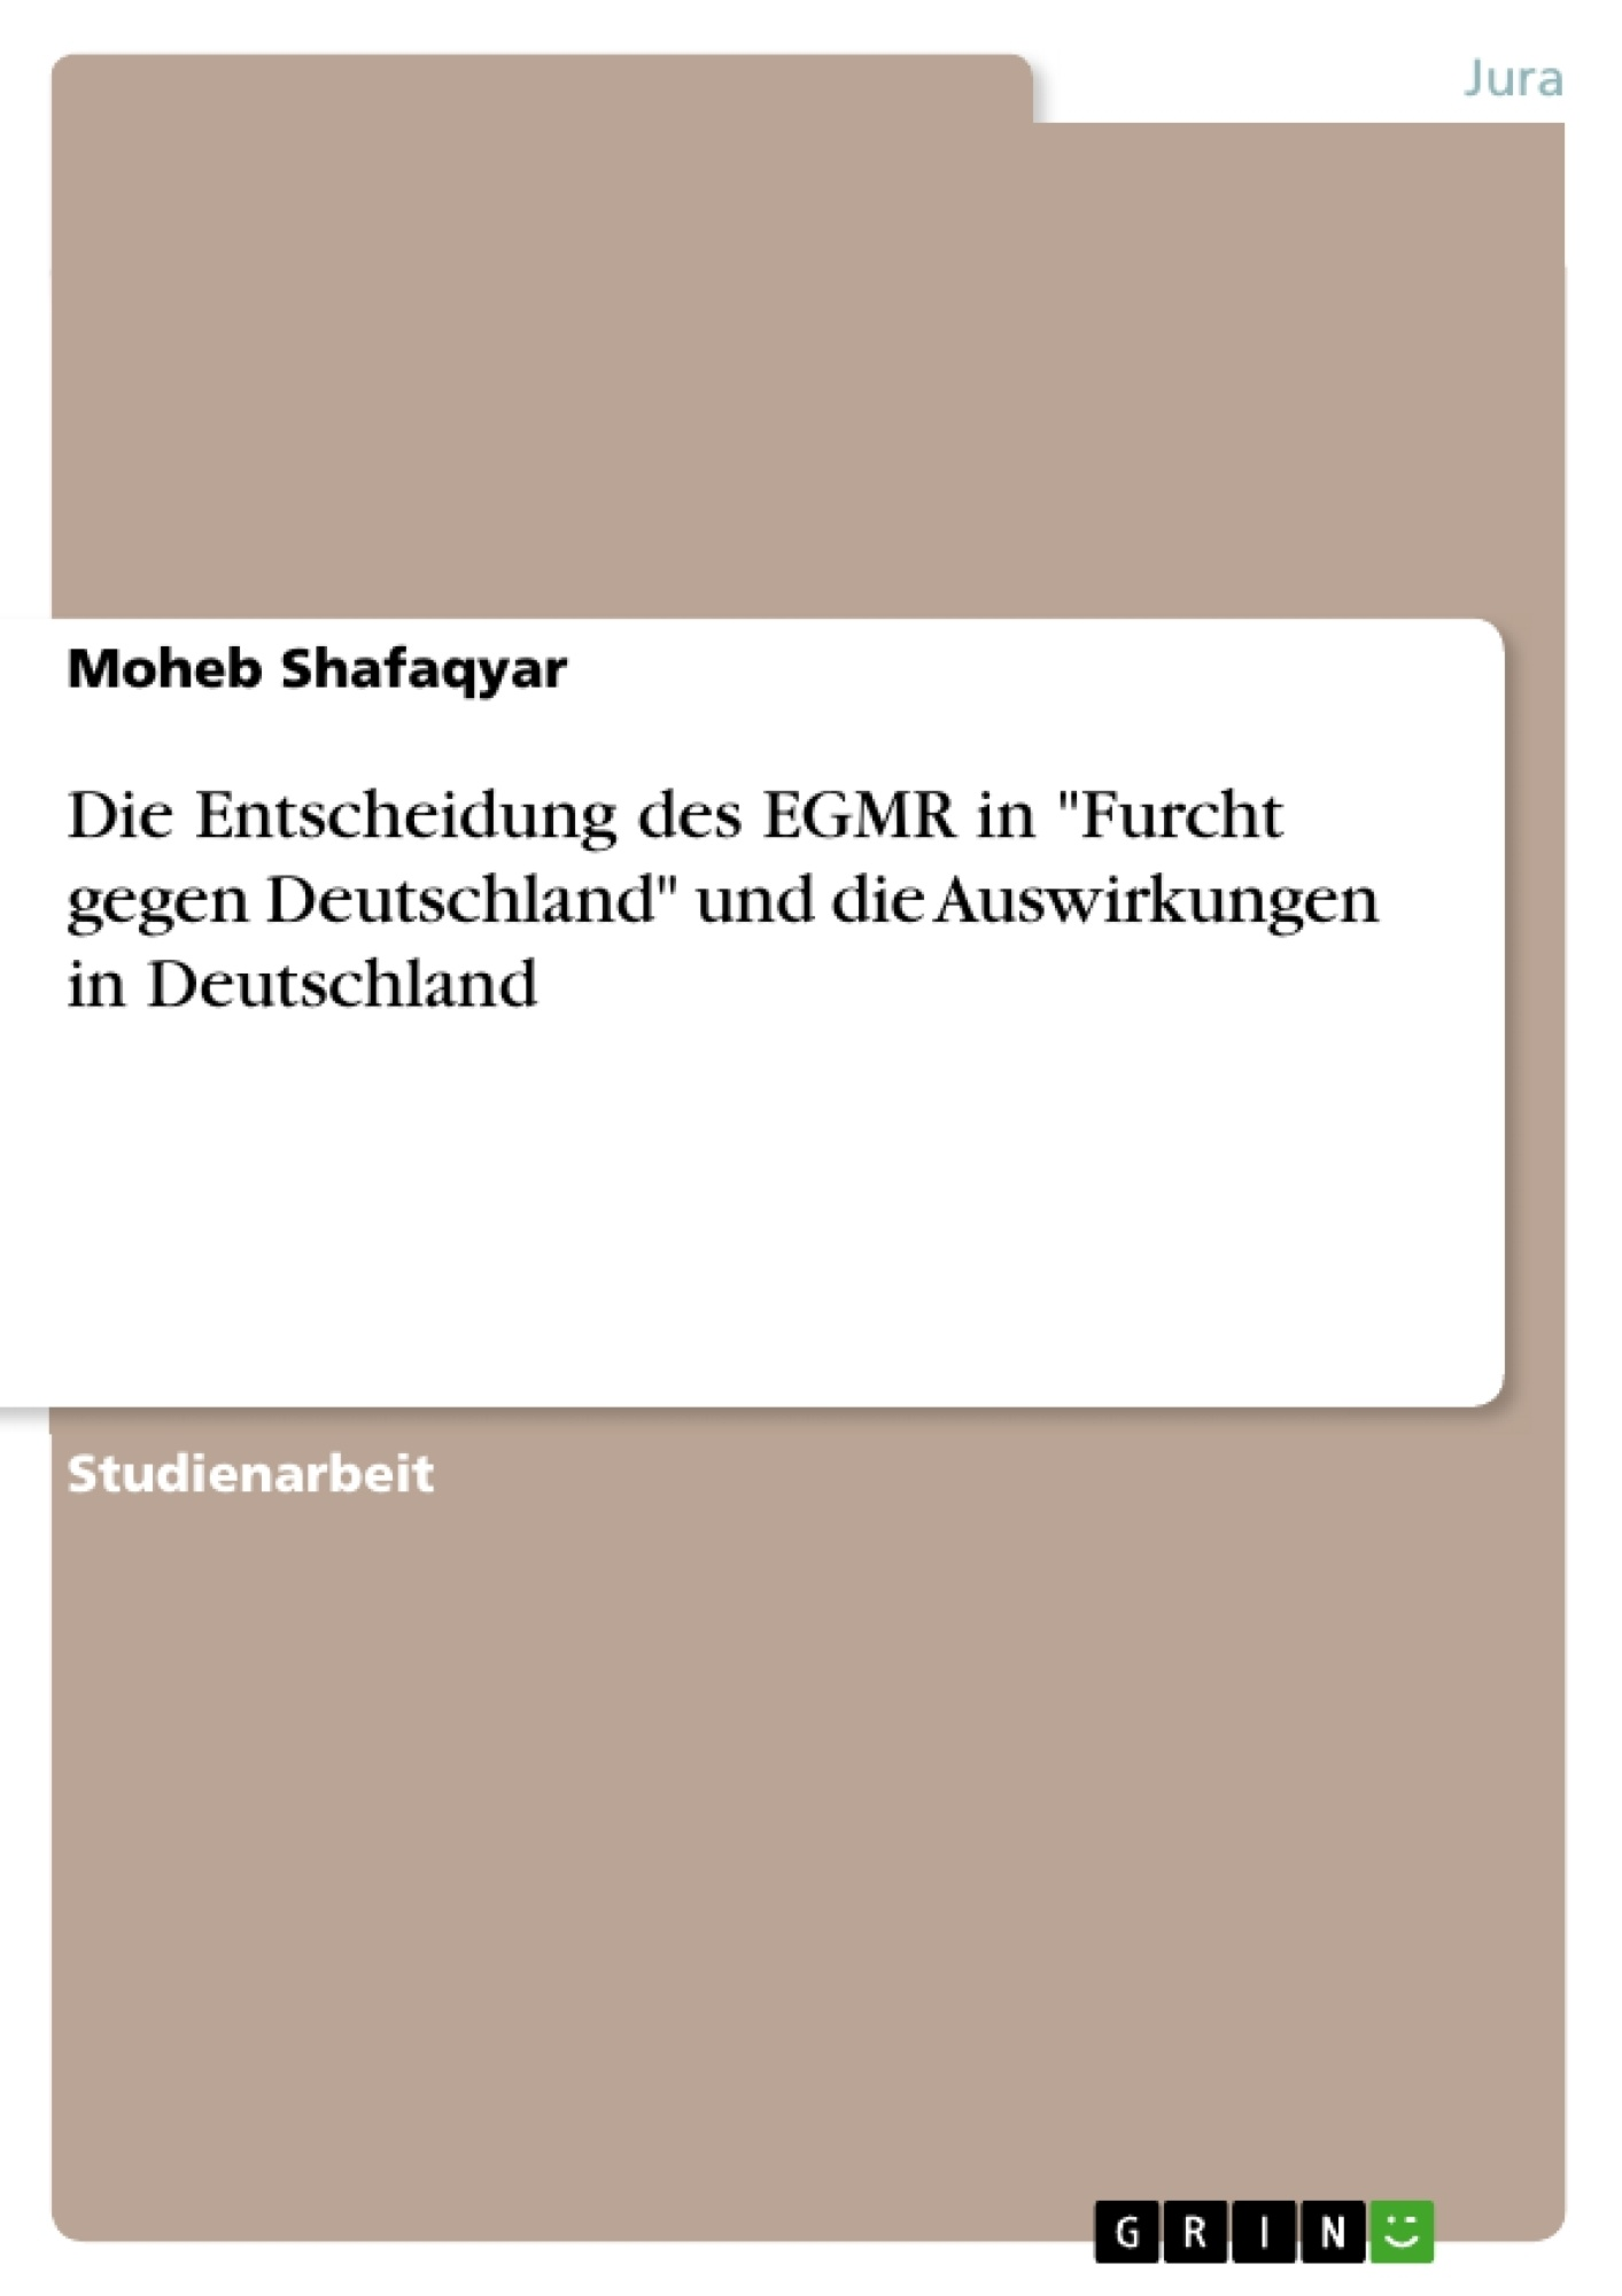 """Titel: Die Entscheidung des EGMR in """"Furcht gegen Deutschland"""" und die Auswirkungen in Deutschland"""